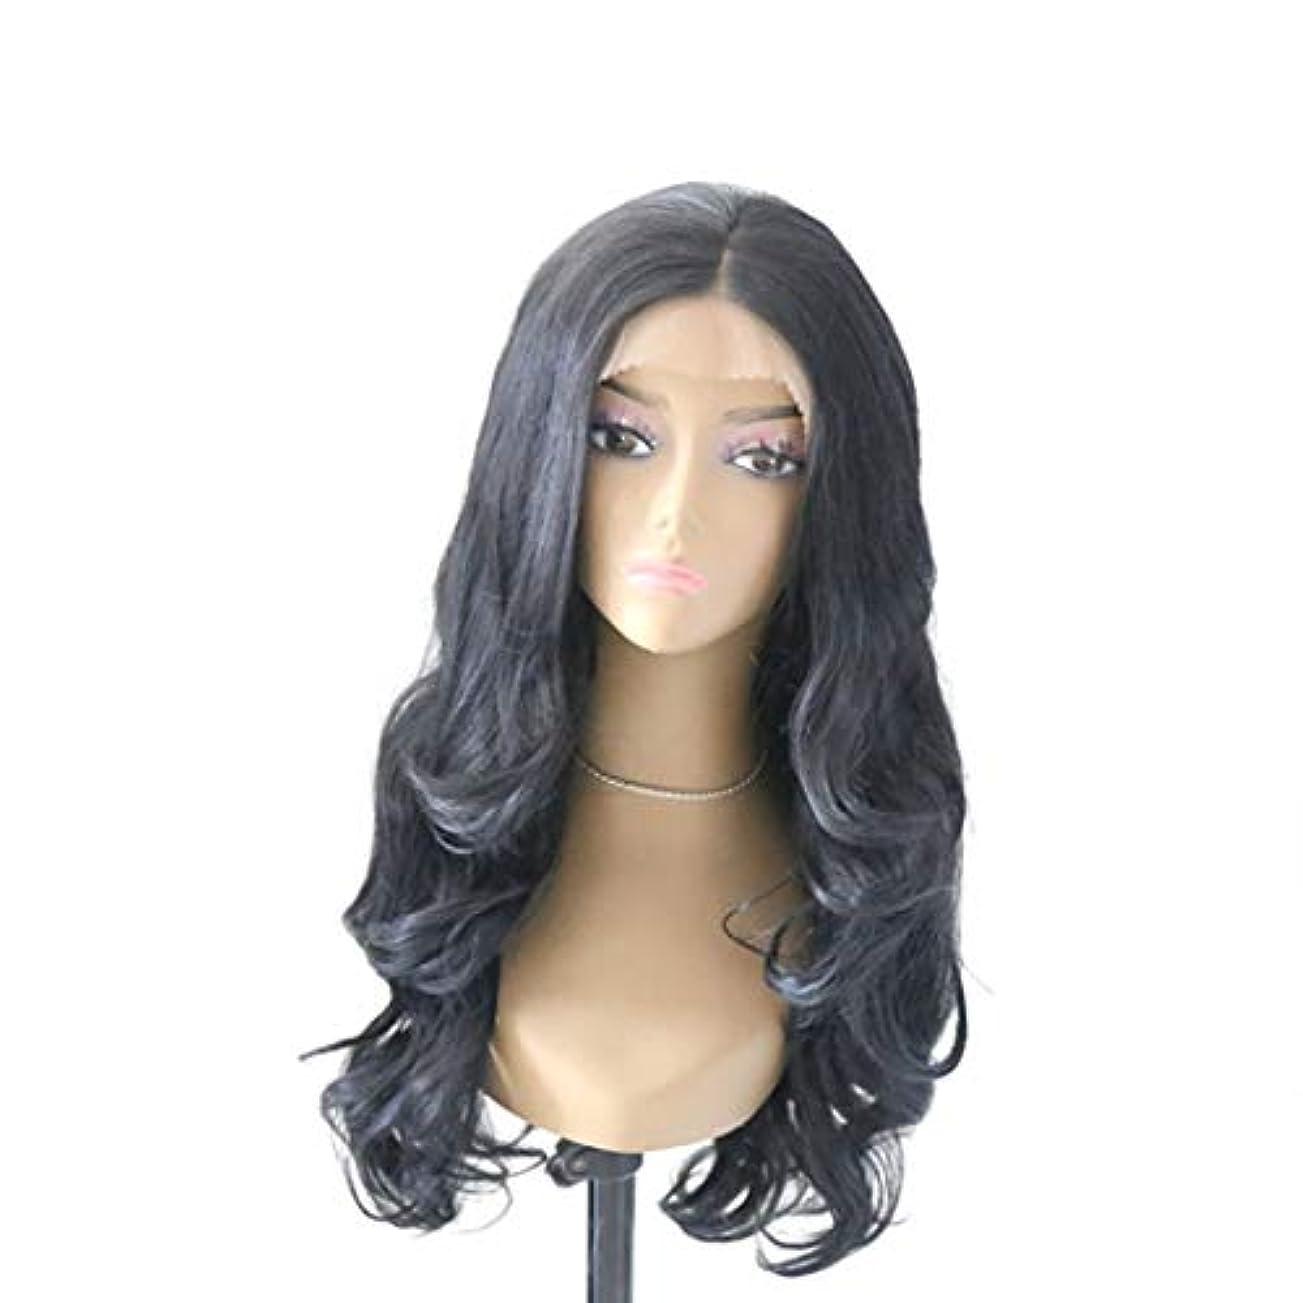 吐き出す契約形Kerwinner 黒かつら女性のための大きな波状の巻き毛のフロントレース化学繊維かつら